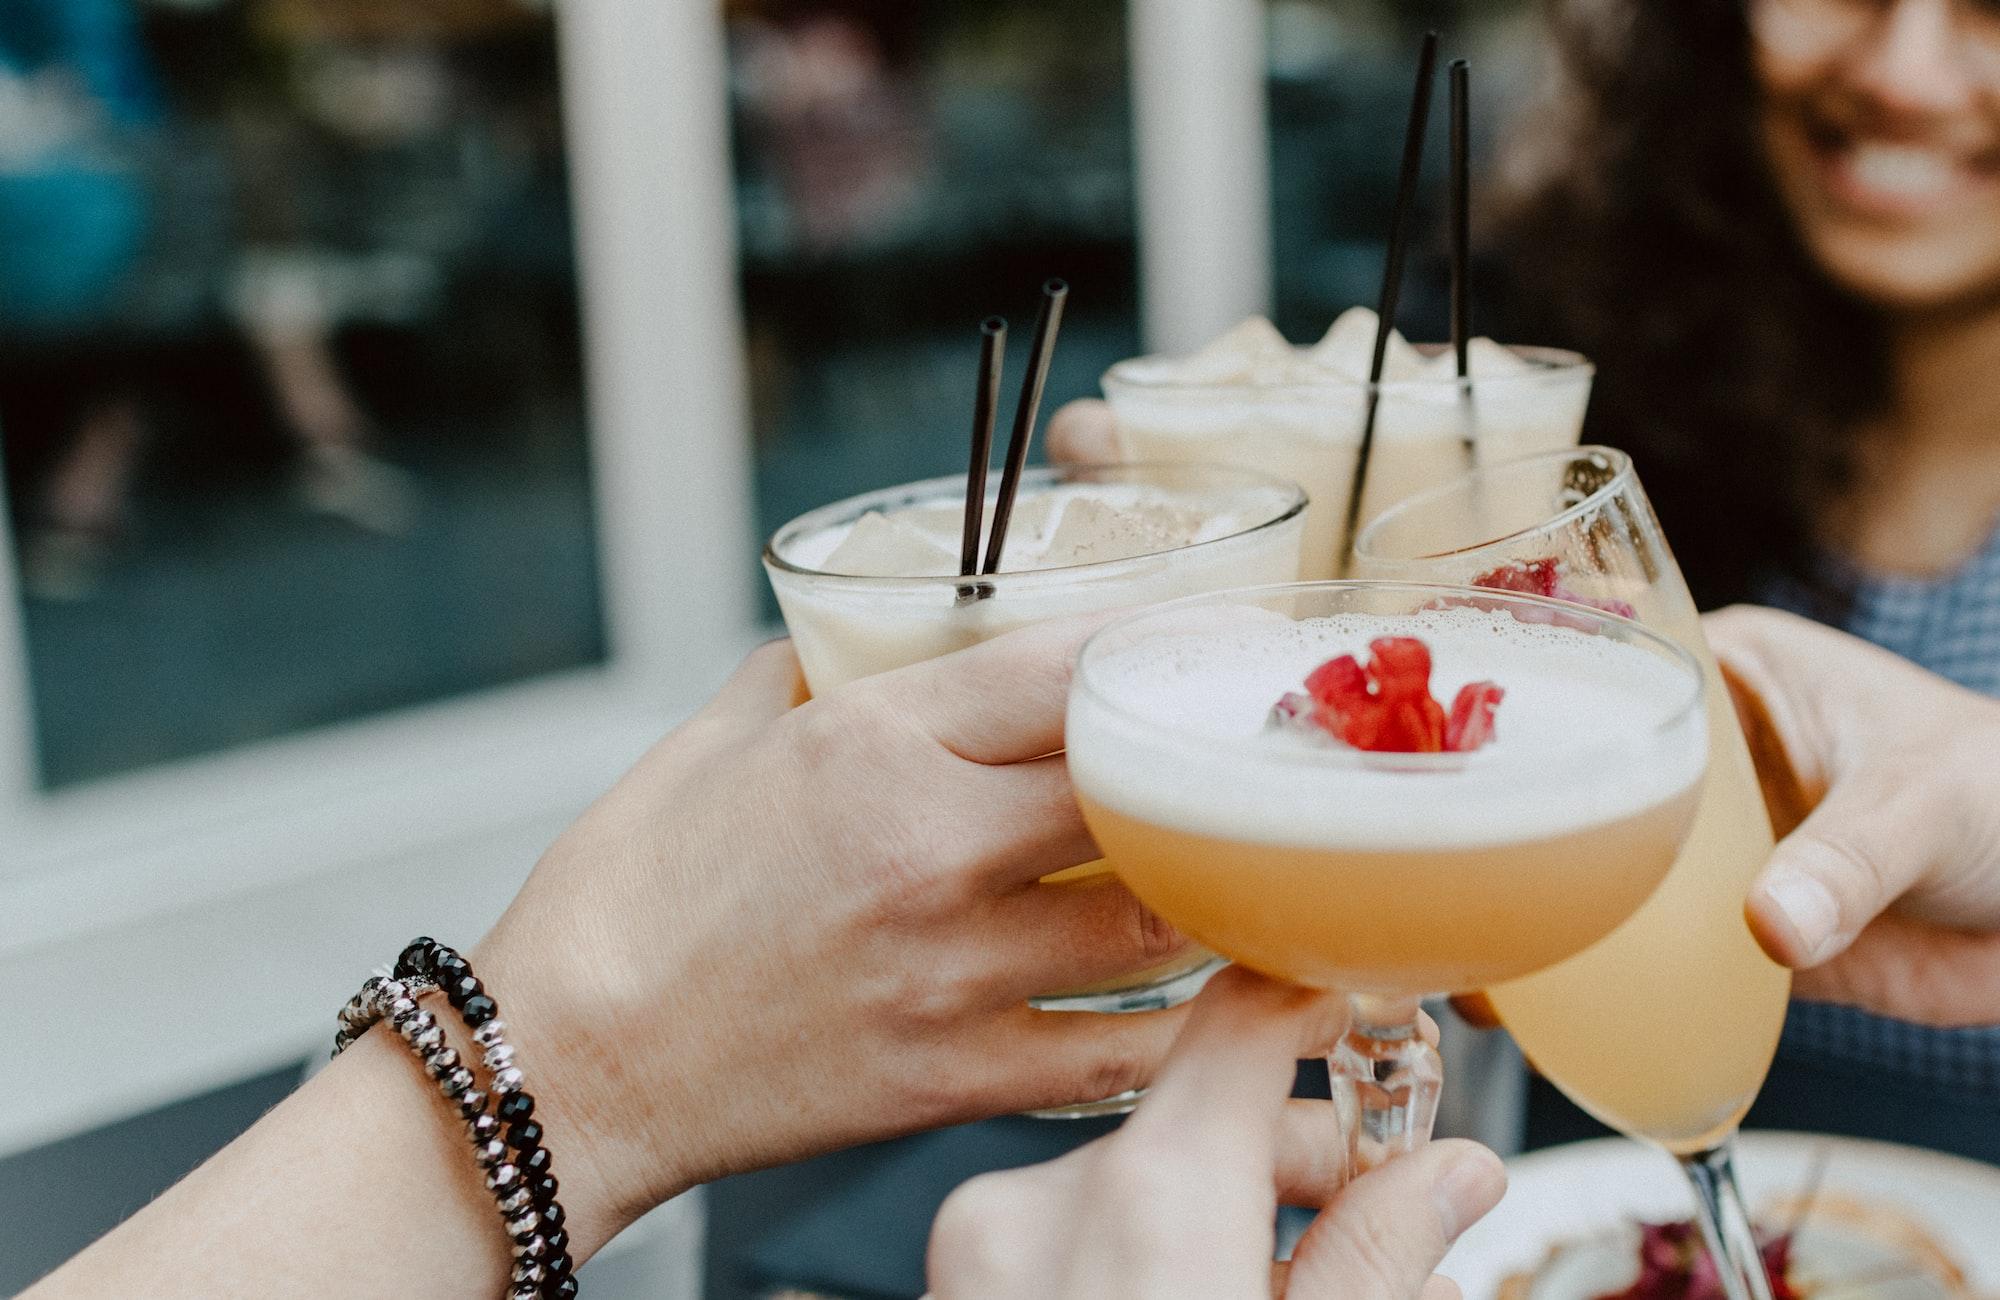 Tonåringar och alkohol - argumenten och metoderna som funkar